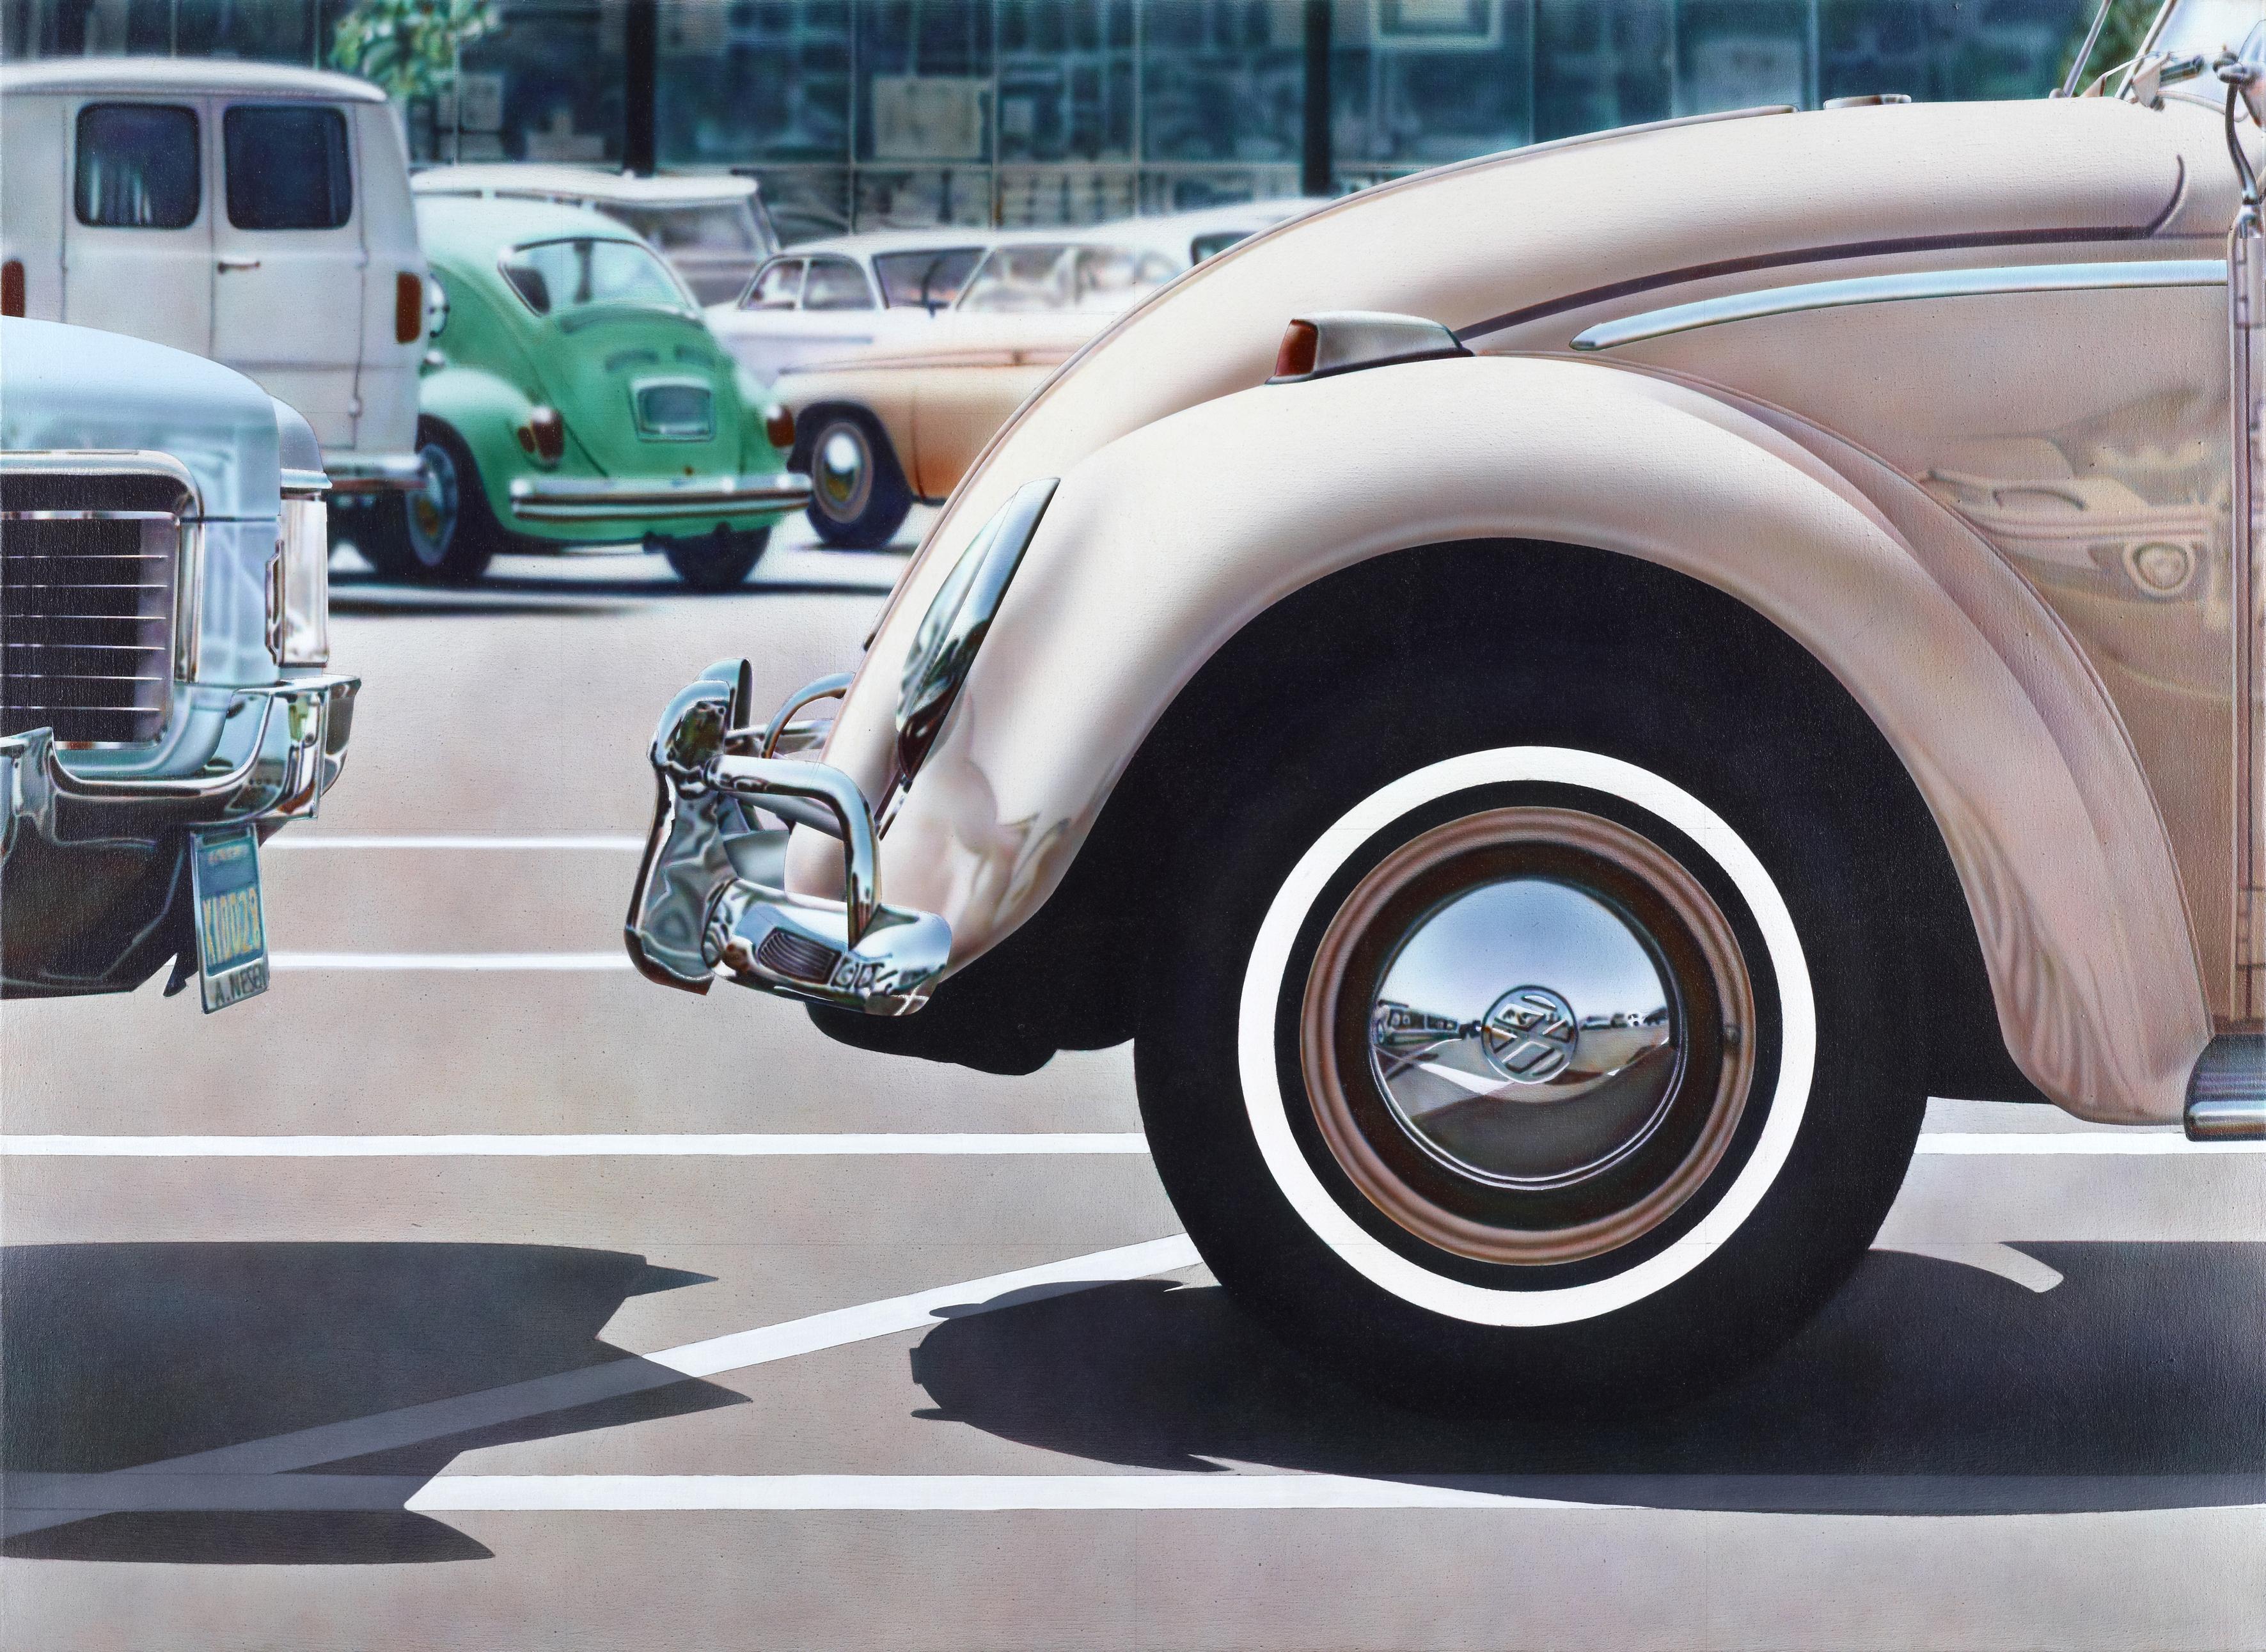 Don Eddy: Untitled (Volkswagen), 1971, Acryl auf Leinwand, 122 × 152 × 4 cm. Museum moderner Kunst Stiftung Ludwig Wien. Leihgabe der Österreichischen Ludwig-Stiftung seit 1991. © Don Eddy 2016